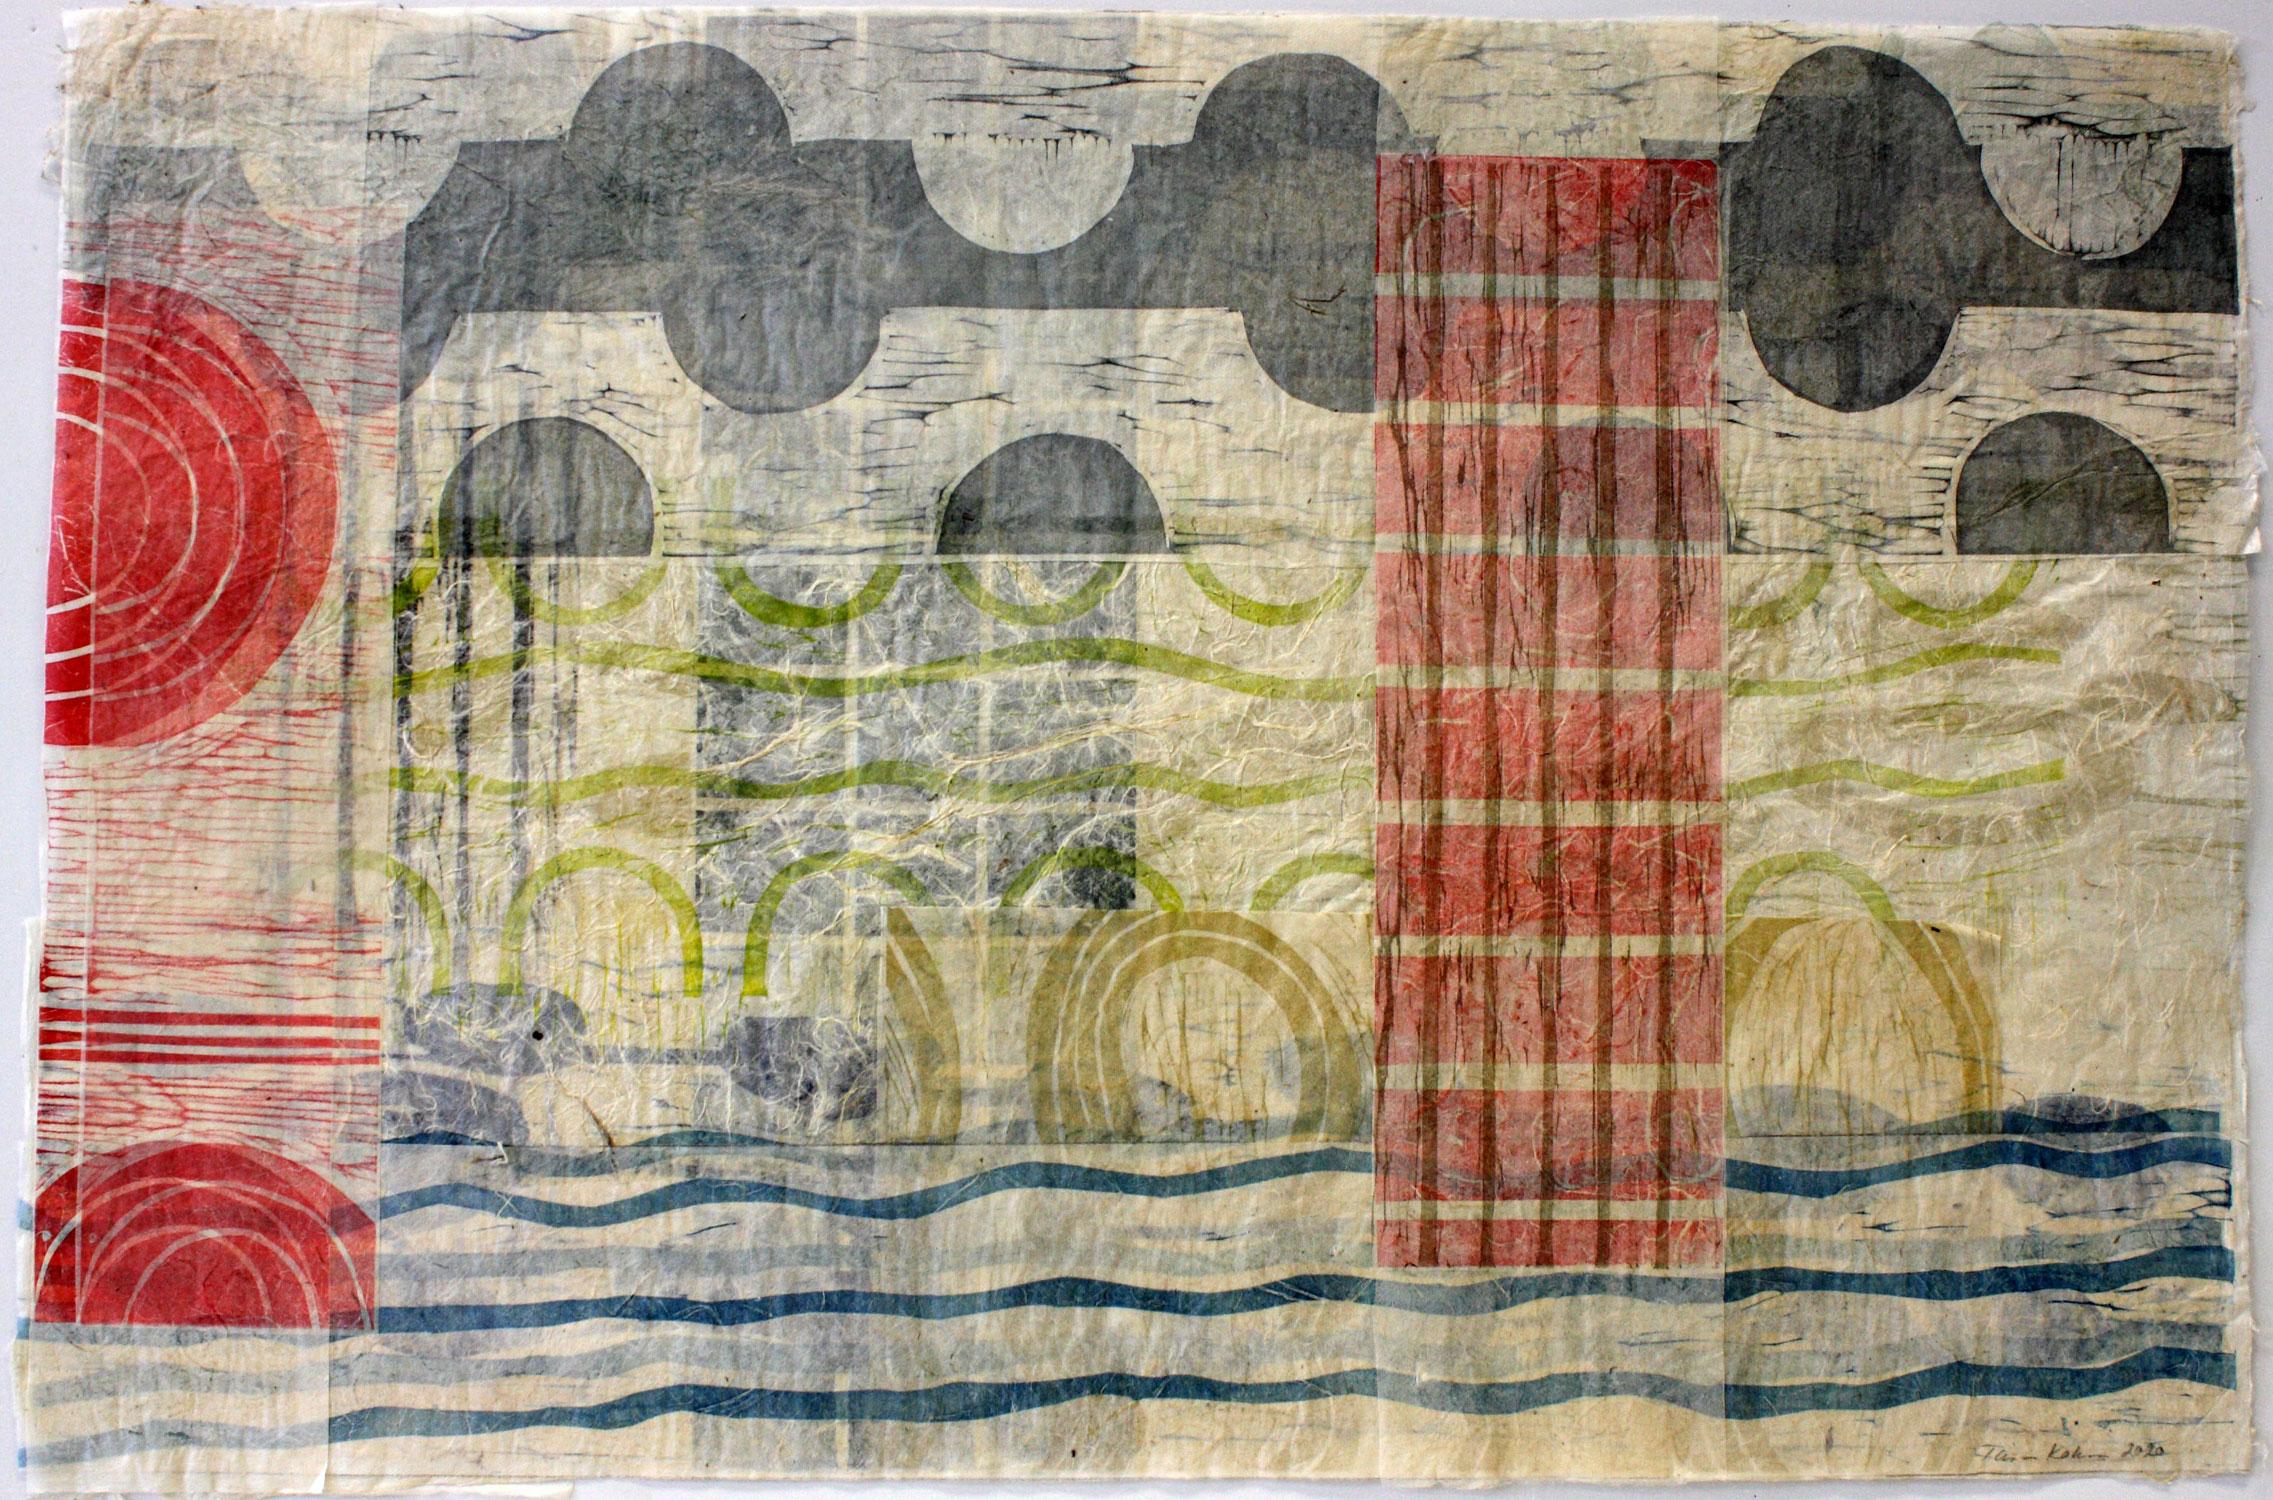 Asiat aaltoilee 3/Things Waving 3, 2020, puupiirroskollaasi/woodcut collage, 51x77cm